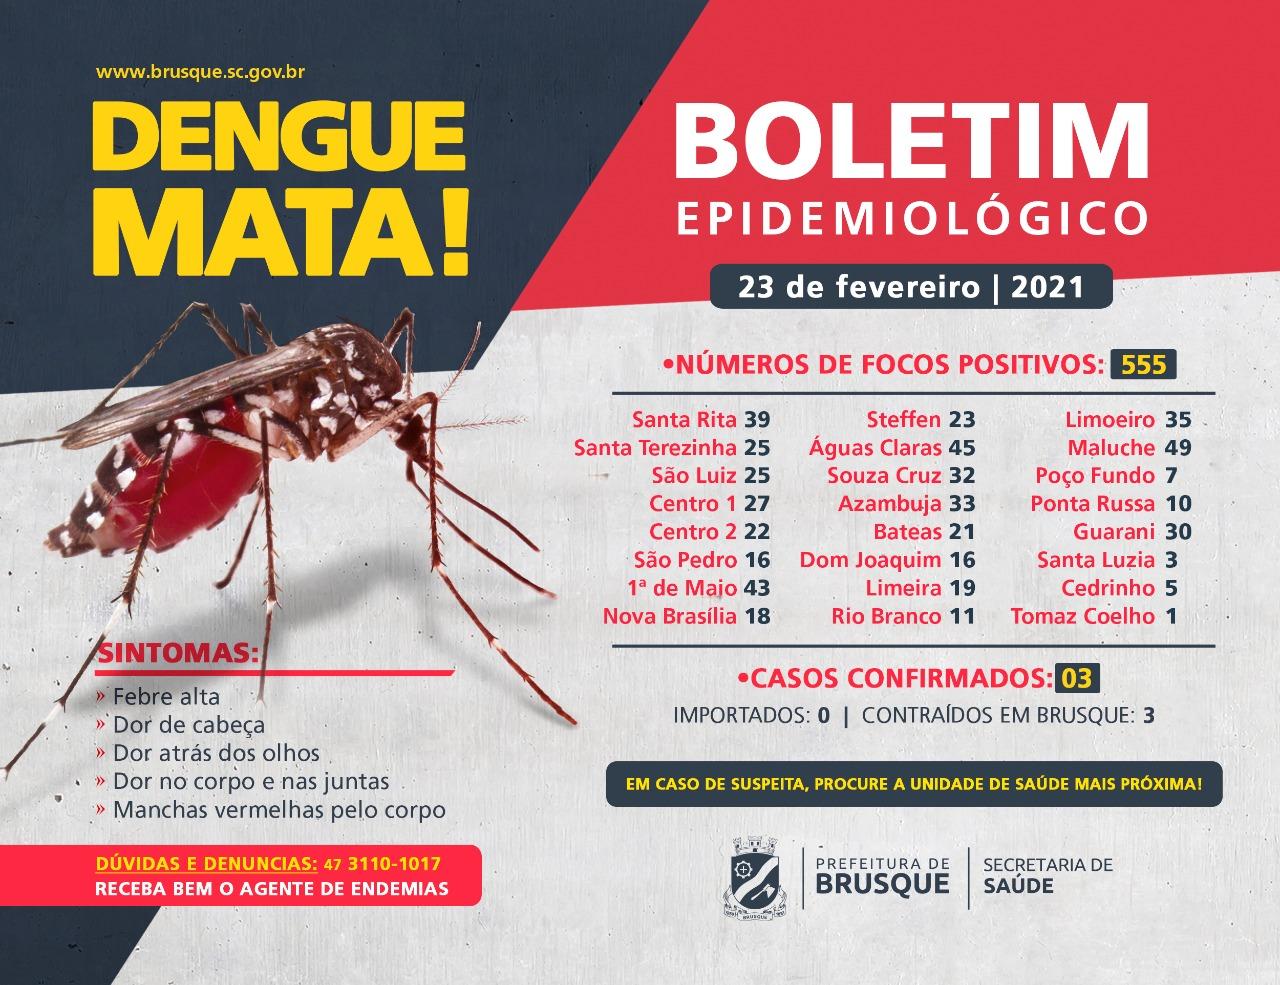 Confira o boletim epidemiológico da dengue desta terça-feira (23)